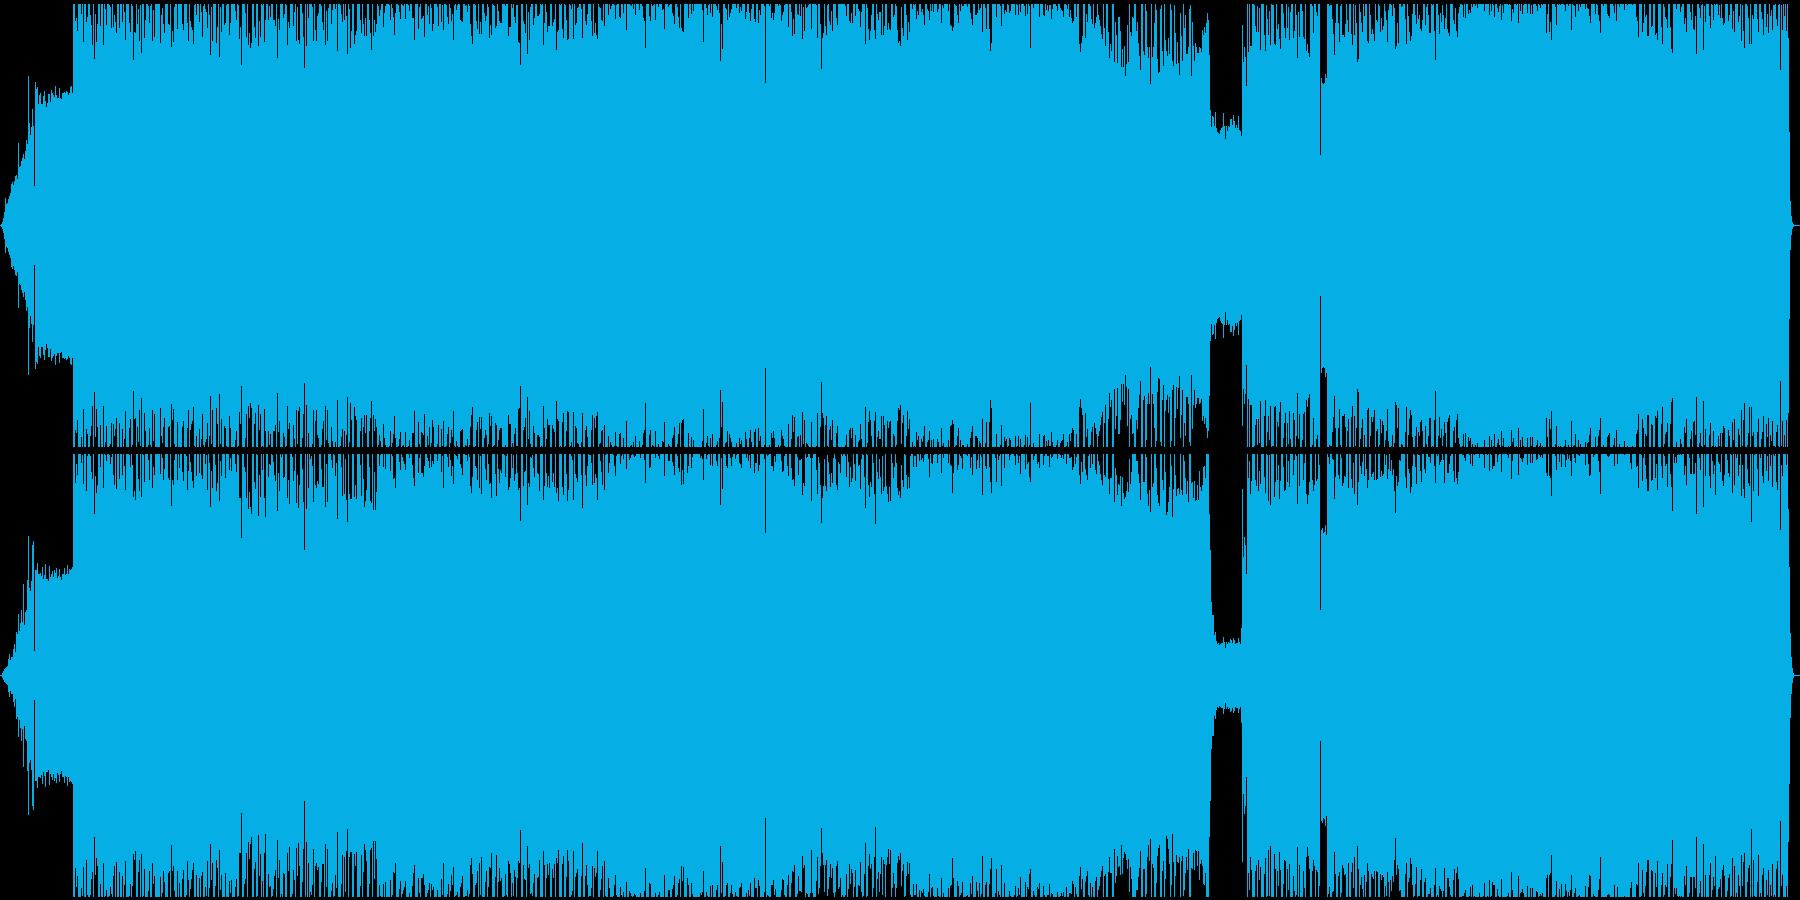 生演奏。女声ボーカルの疾走系ロックの再生済みの波形